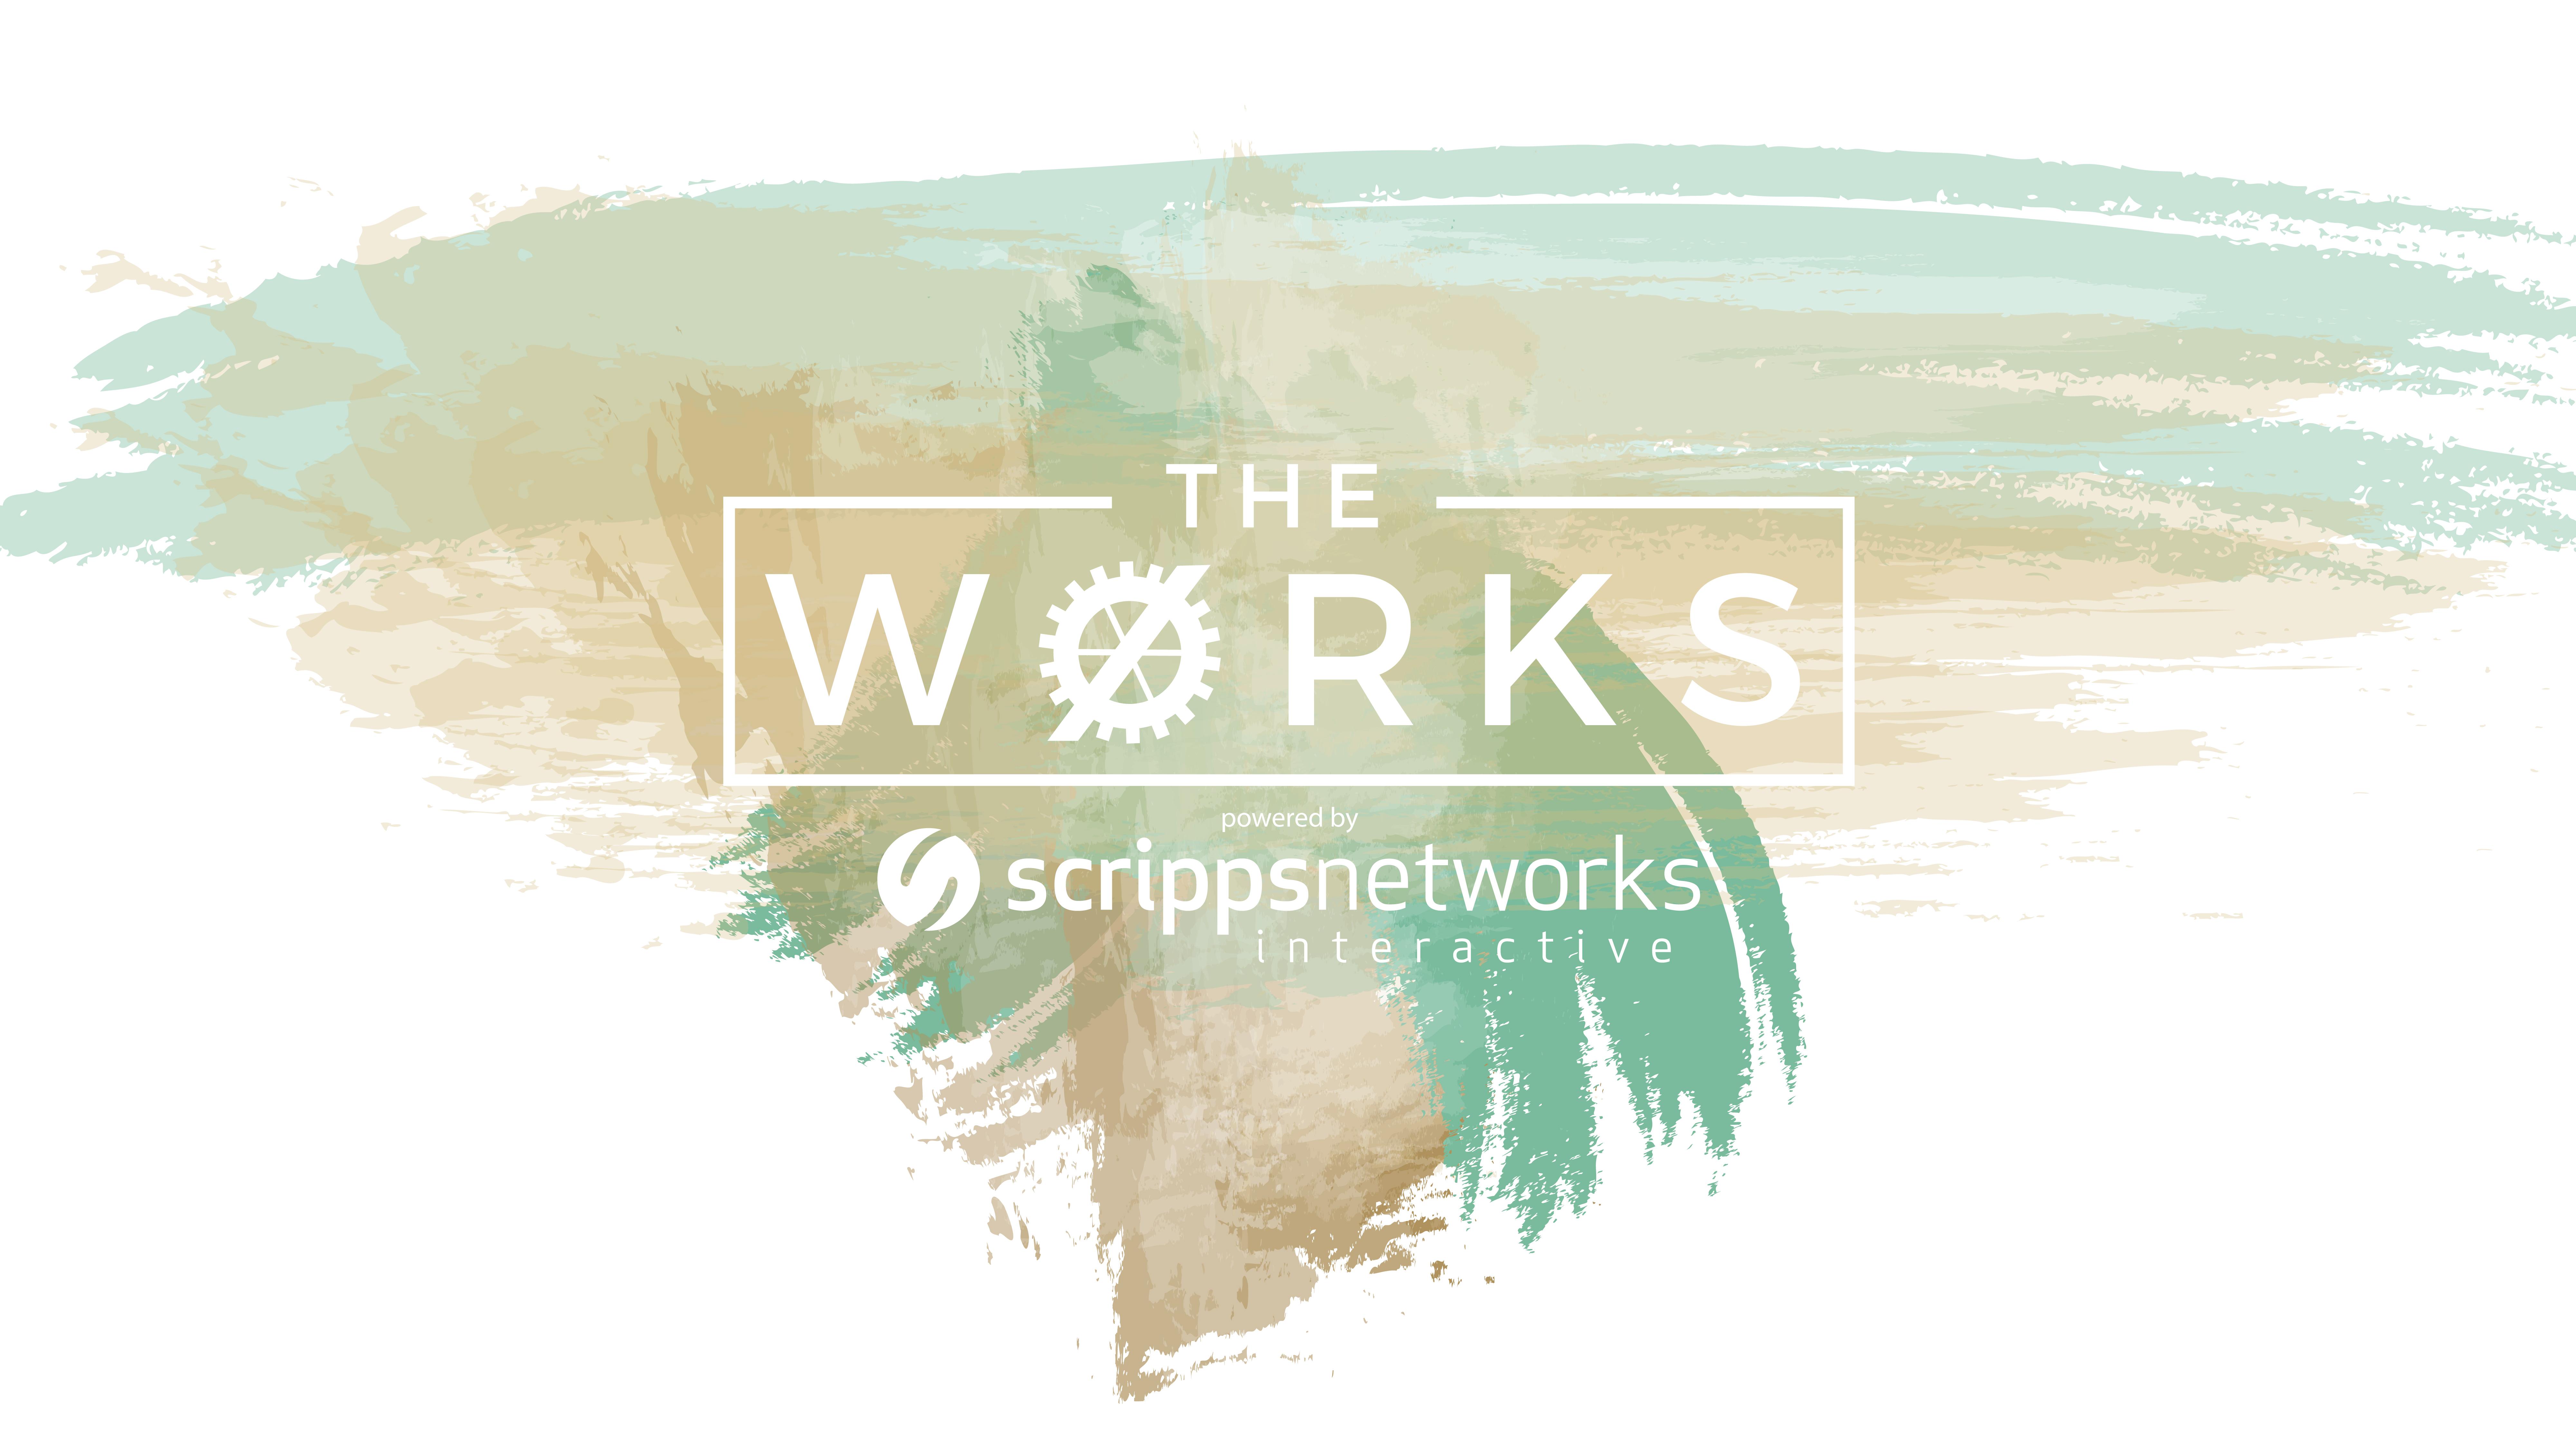 theworksscreensaver